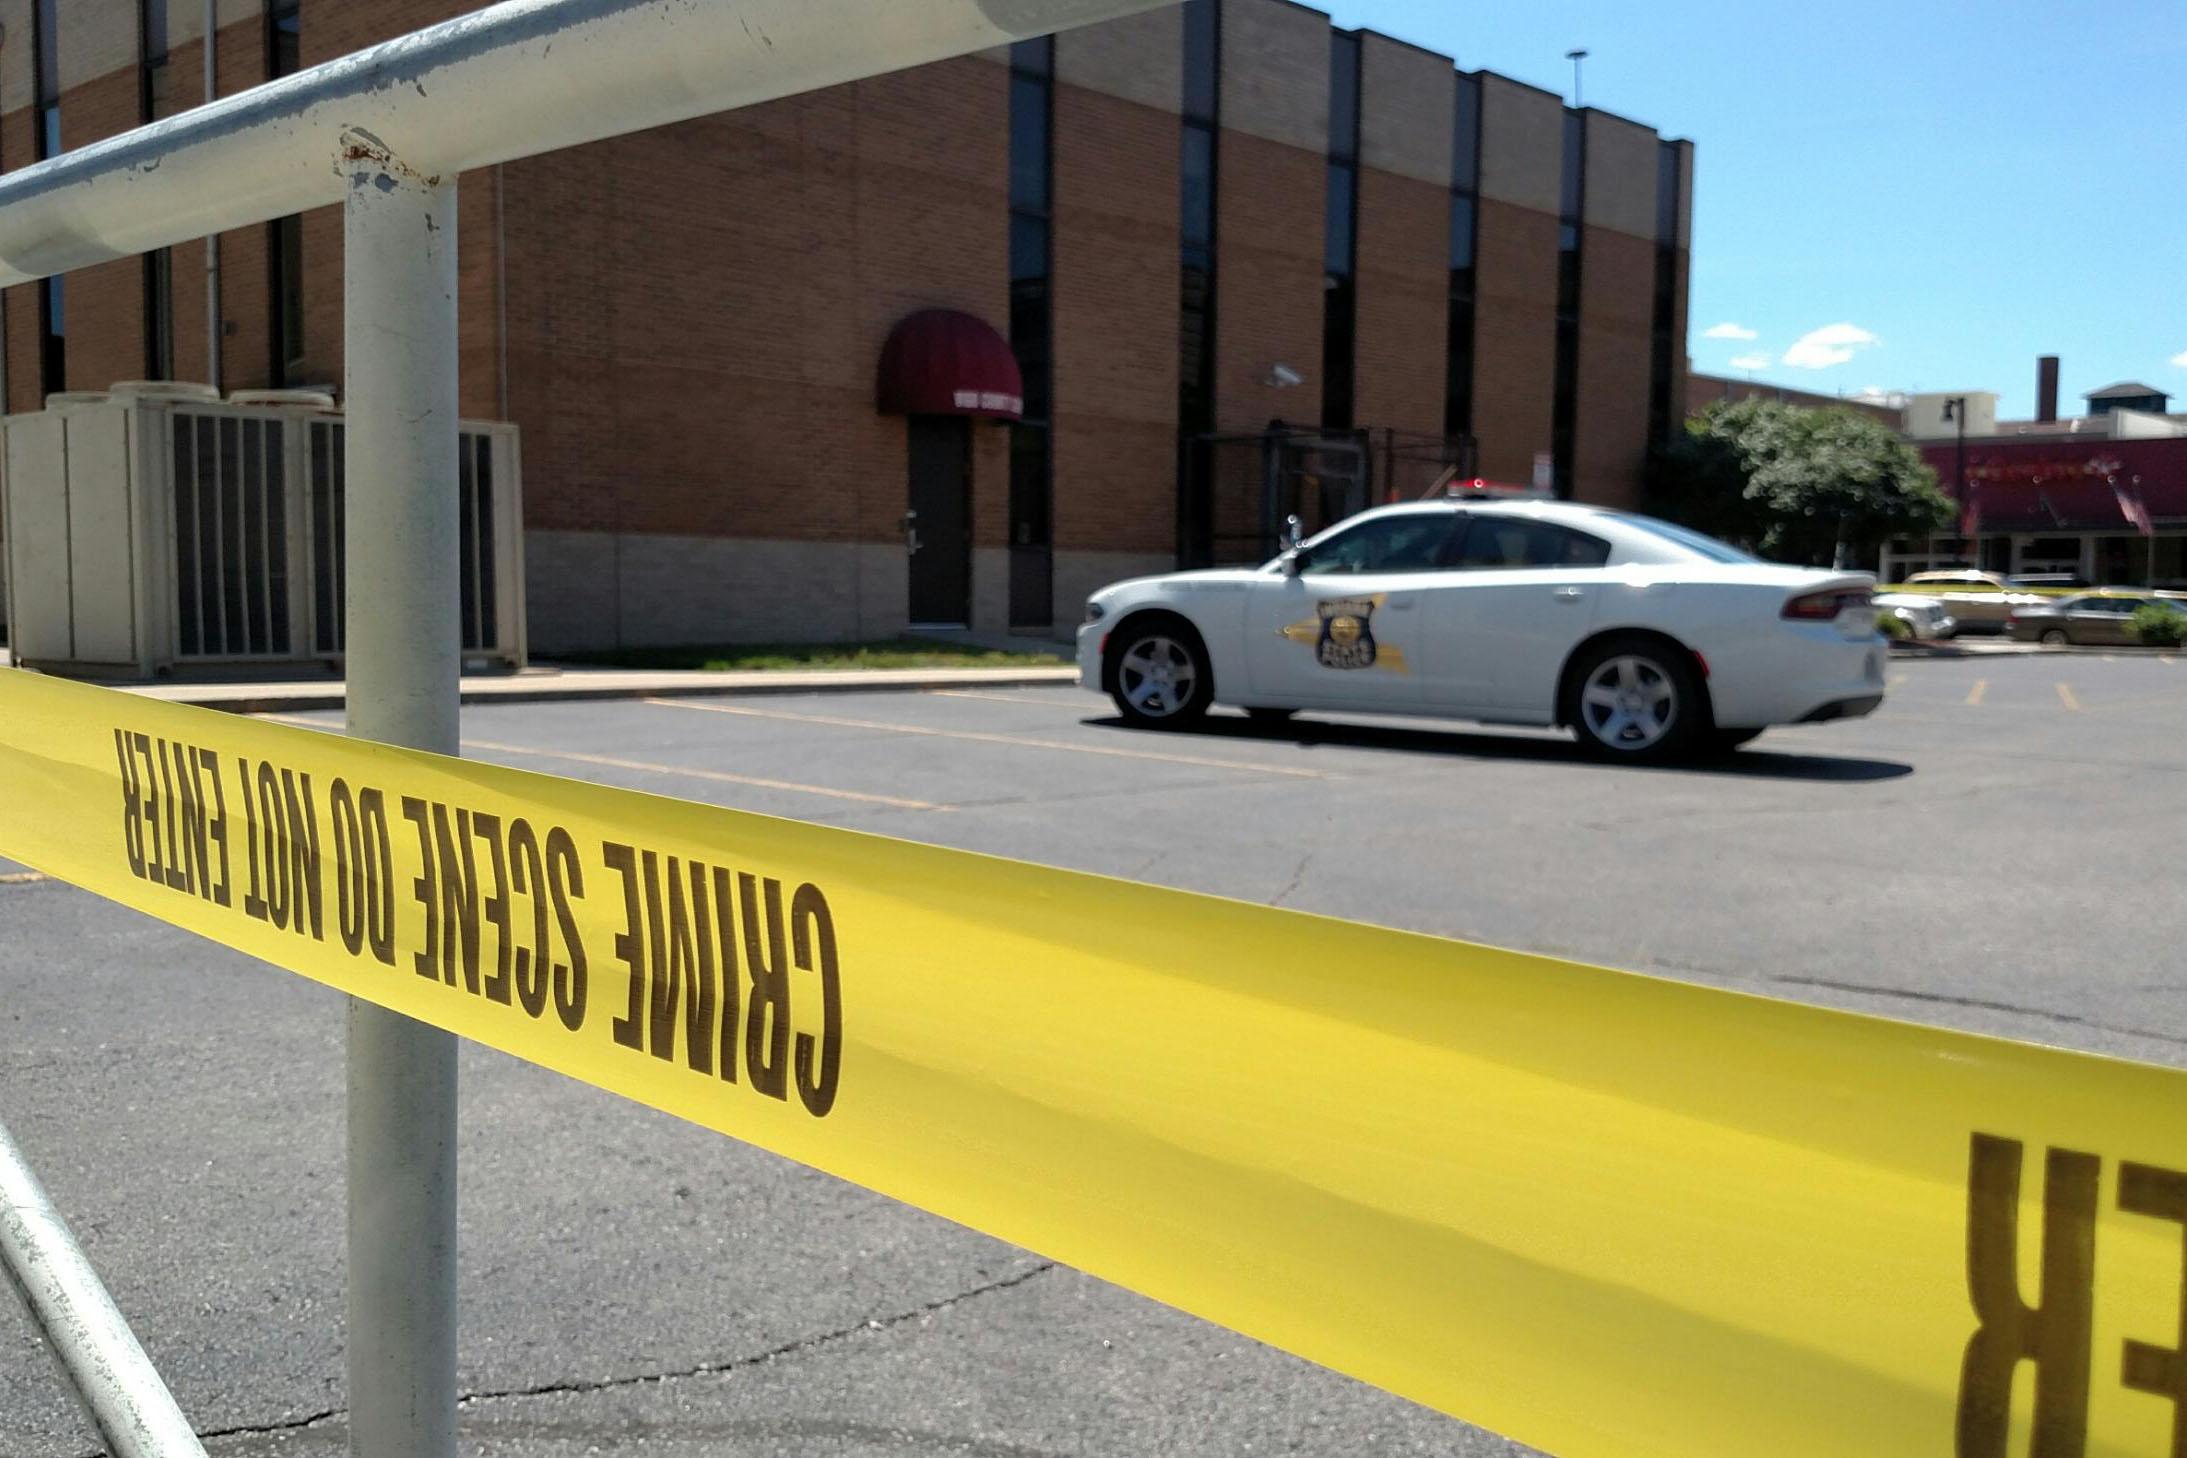 Vigo county schools crime scene tape